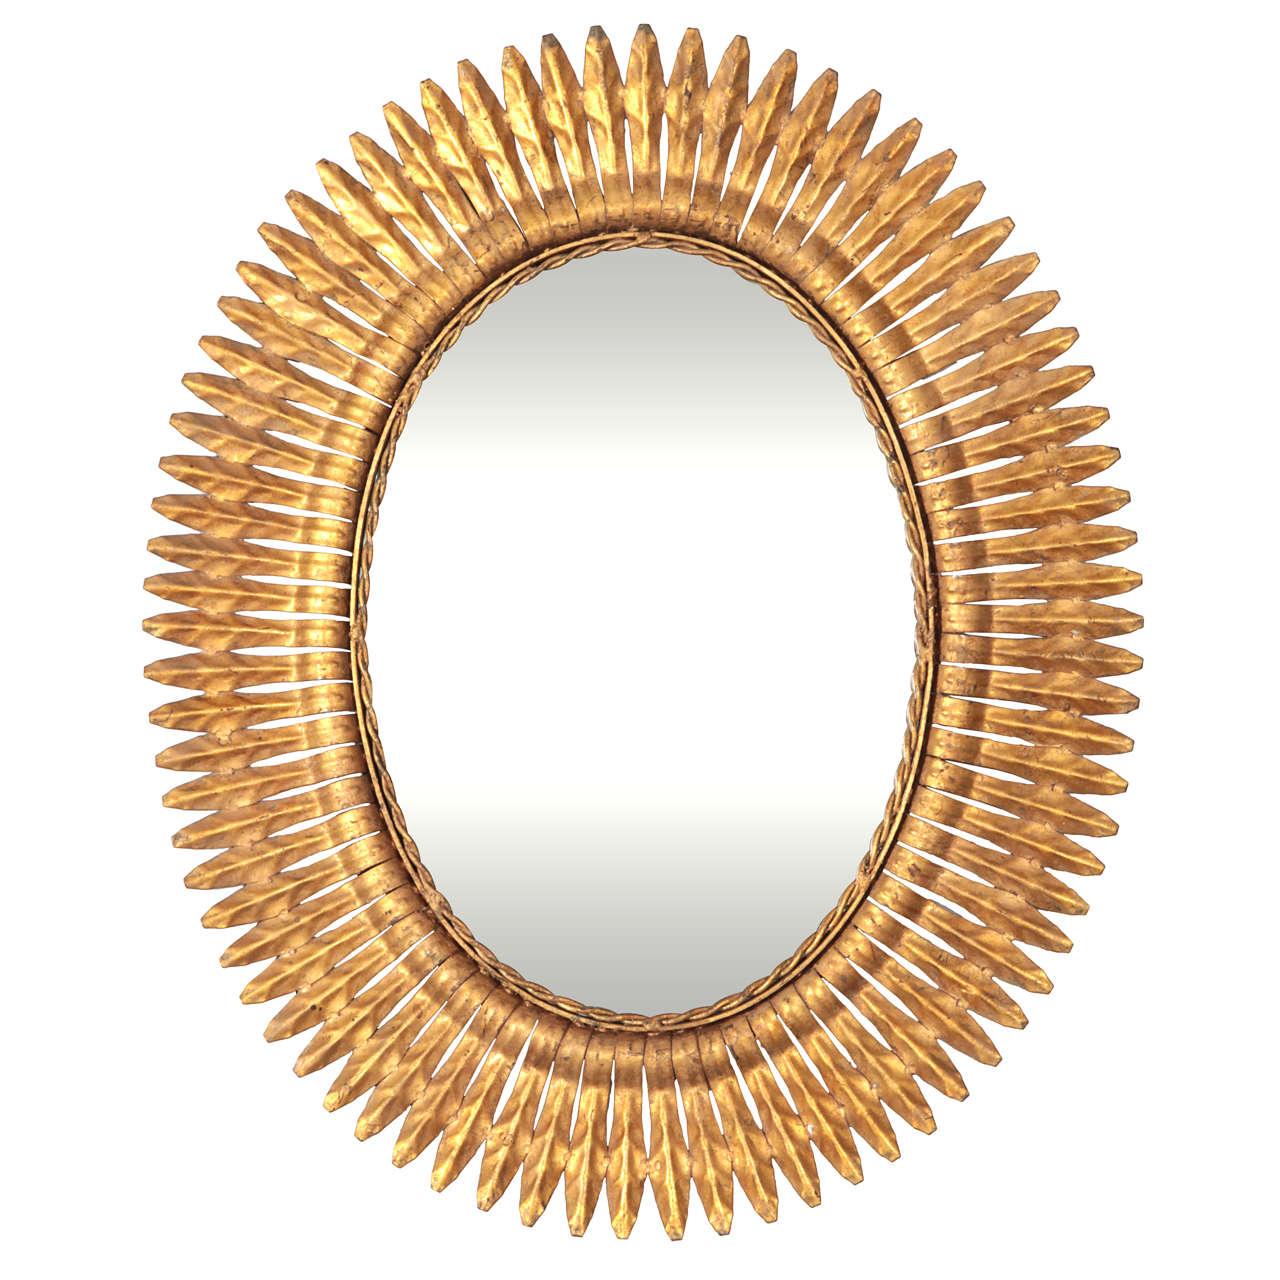 Oval Sunburst Mirror At 1stdibs